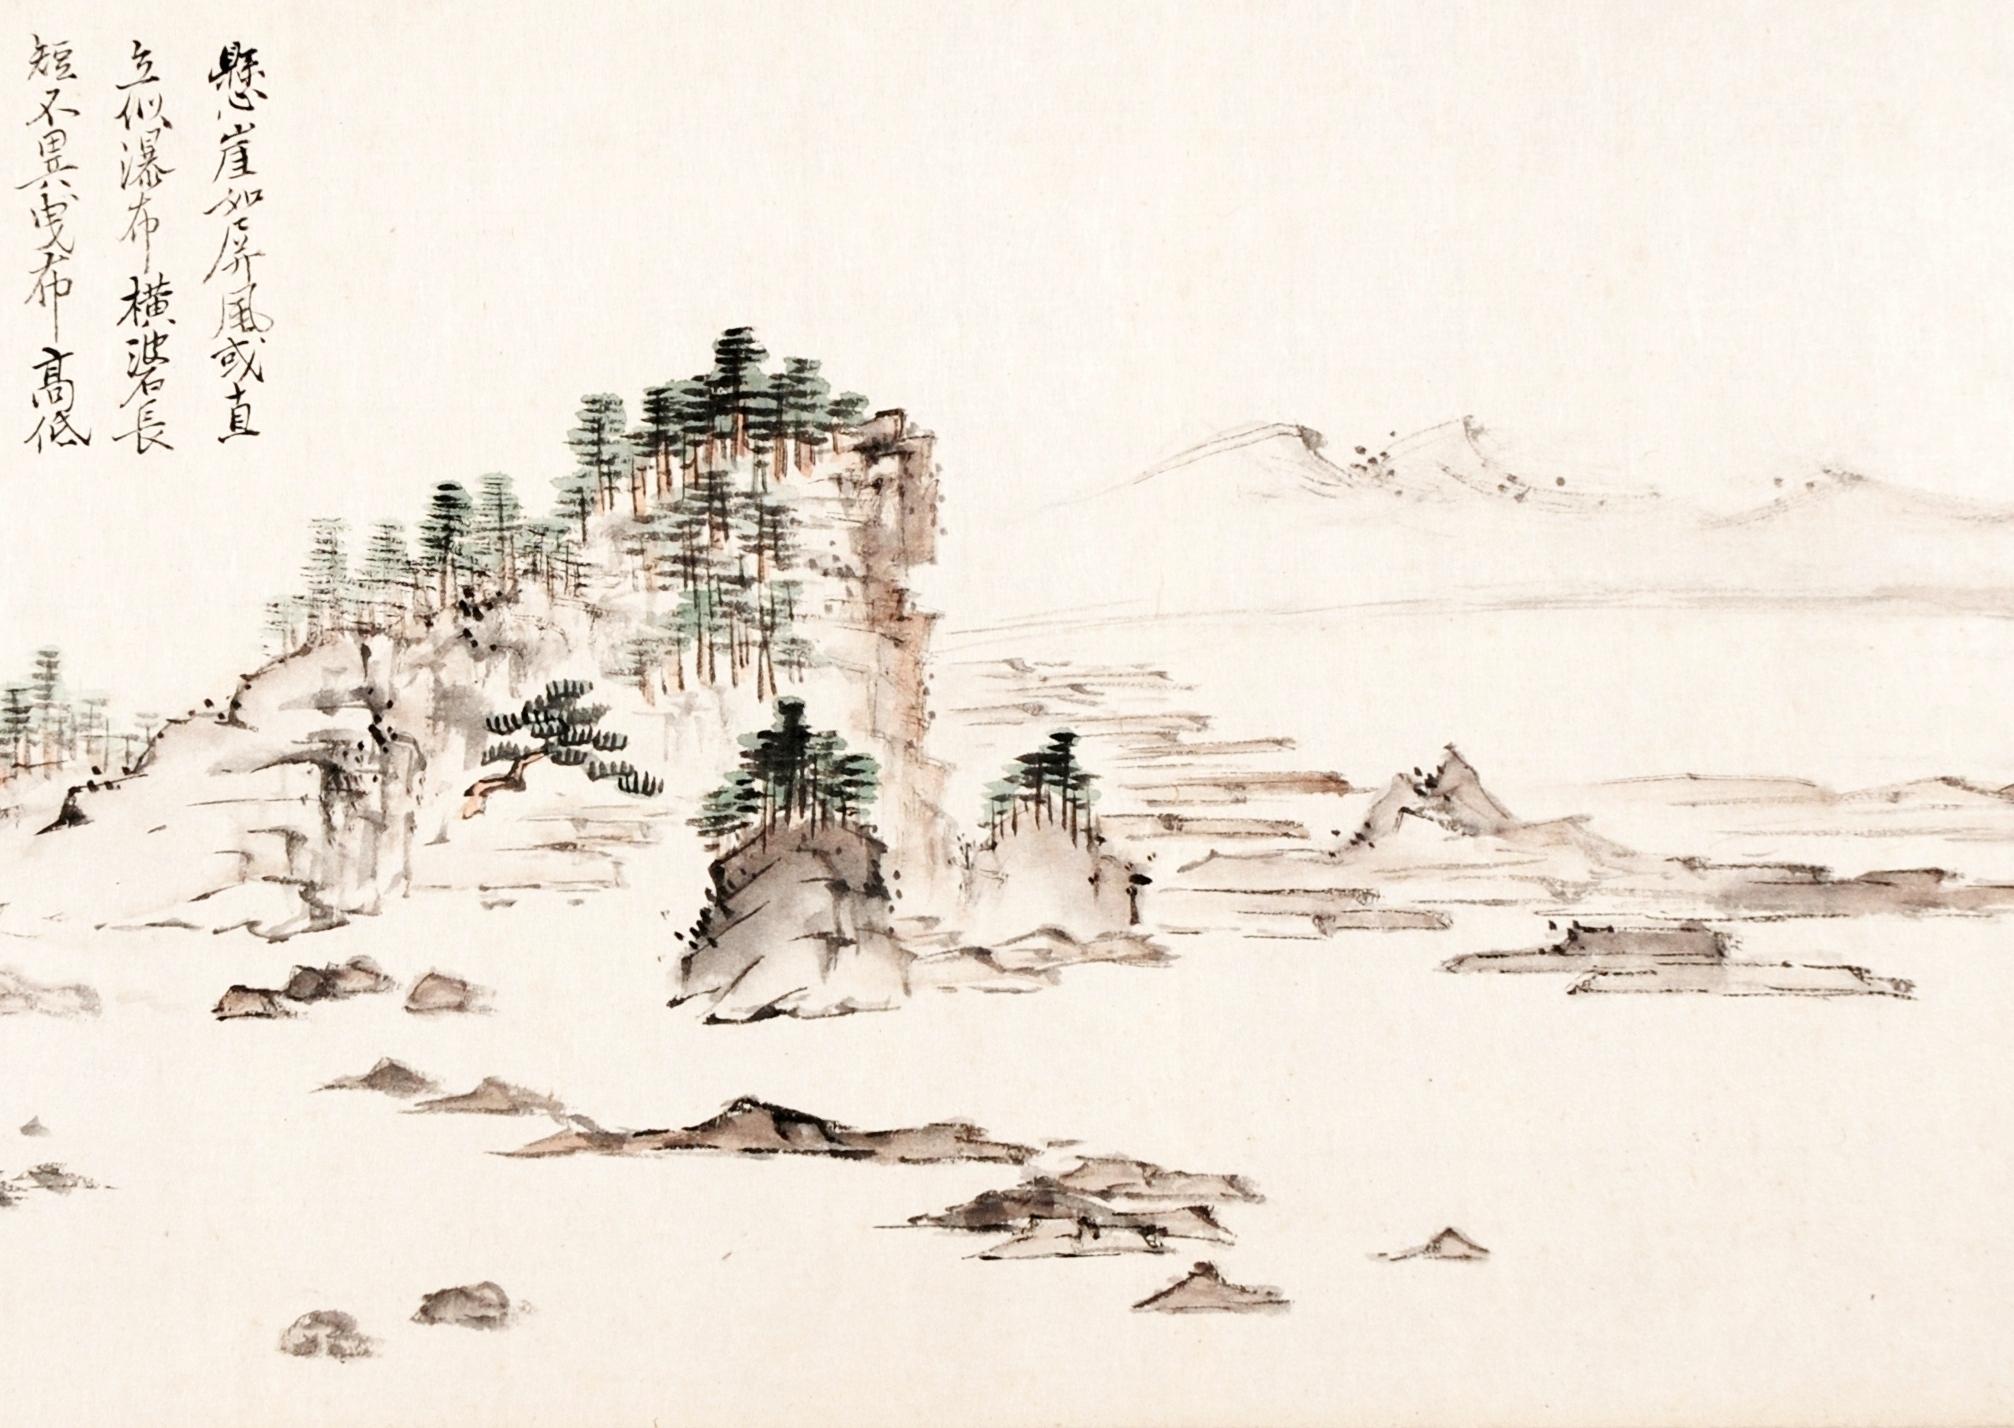 美術工芸講座 第2回「高幡奇覧 ~名所の発見、共有のお作法~」